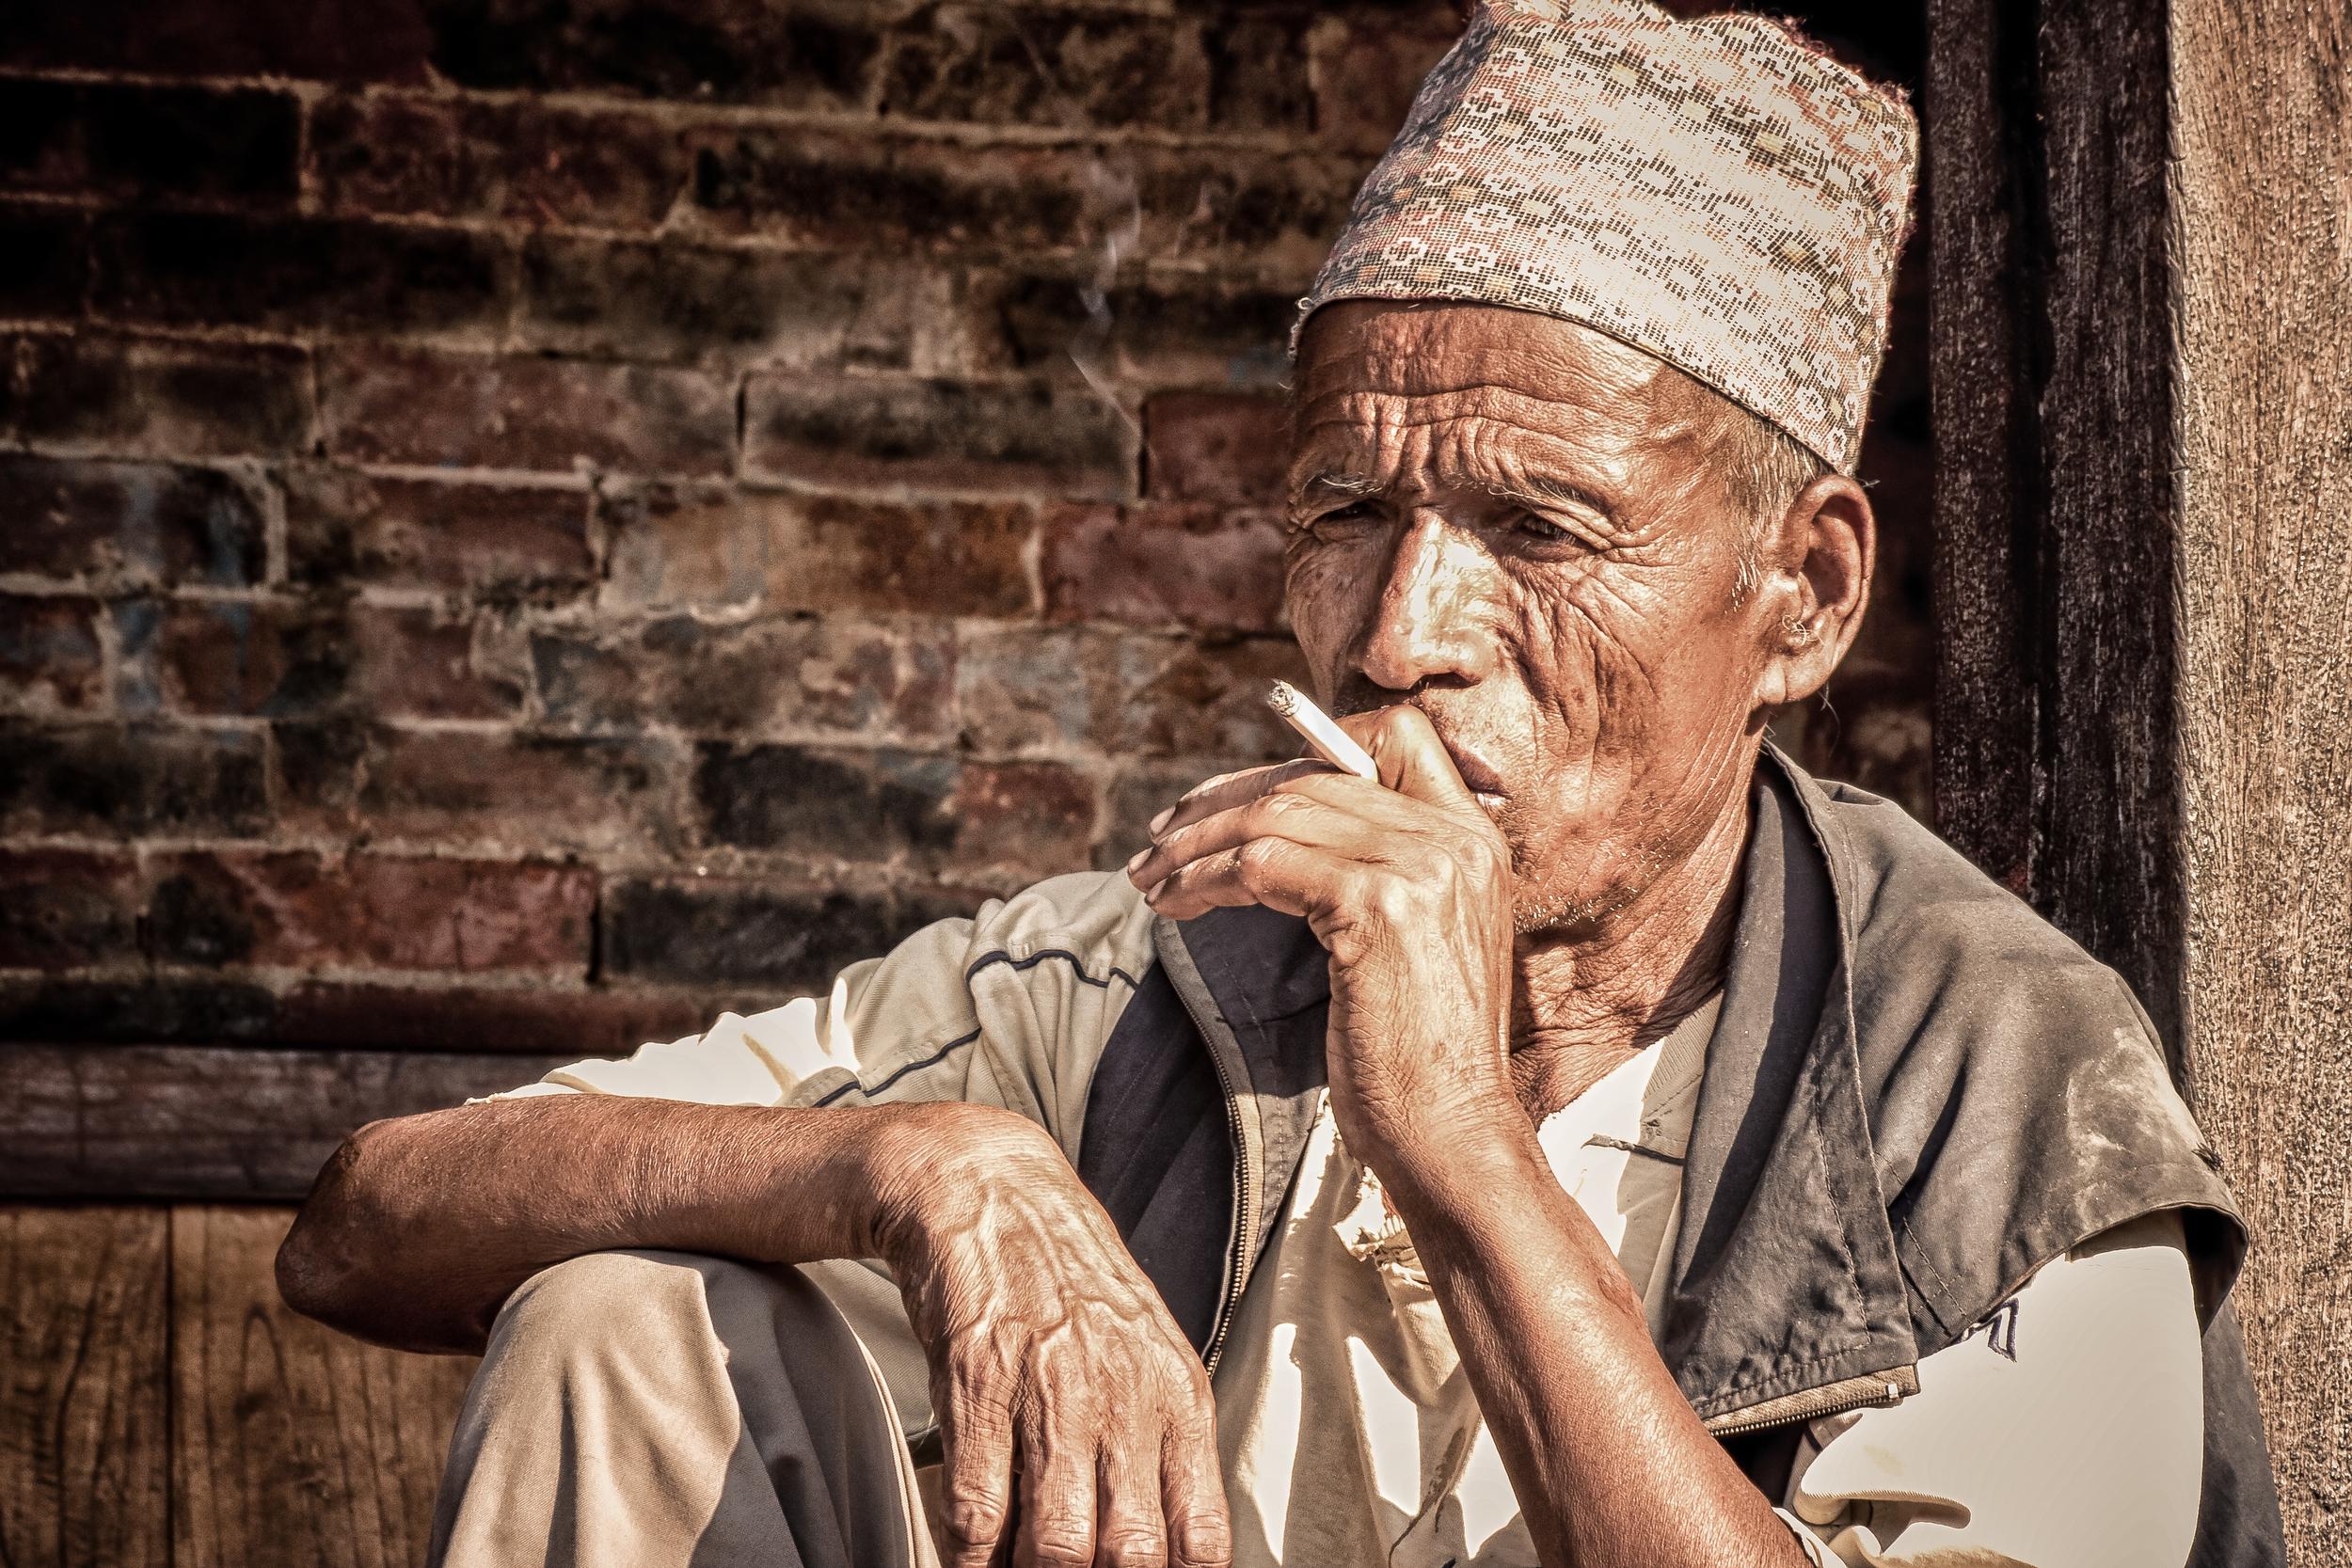 - A Nepali potter taking a cigarette break on a hot day in Bhaktapur, Nepal